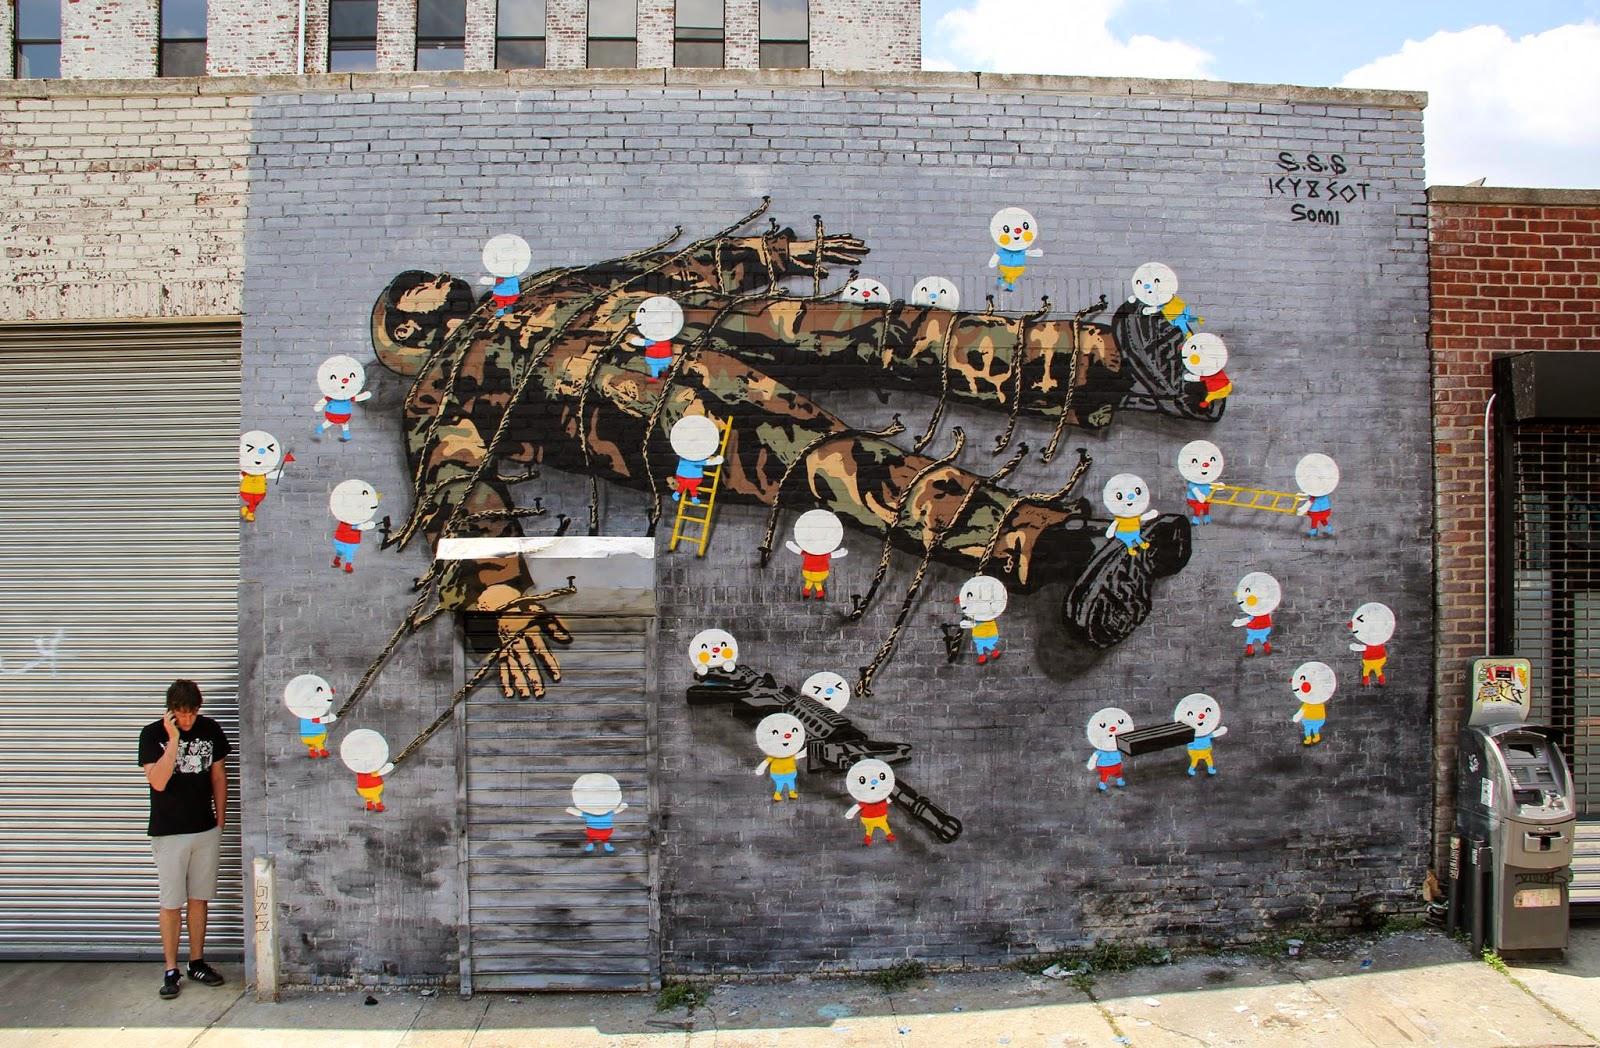 """Icy & Sot x Sonni - """"Gulliver"""" in New York CIty. Photo by Daniel Weintraub (via StreetArtNews)."""